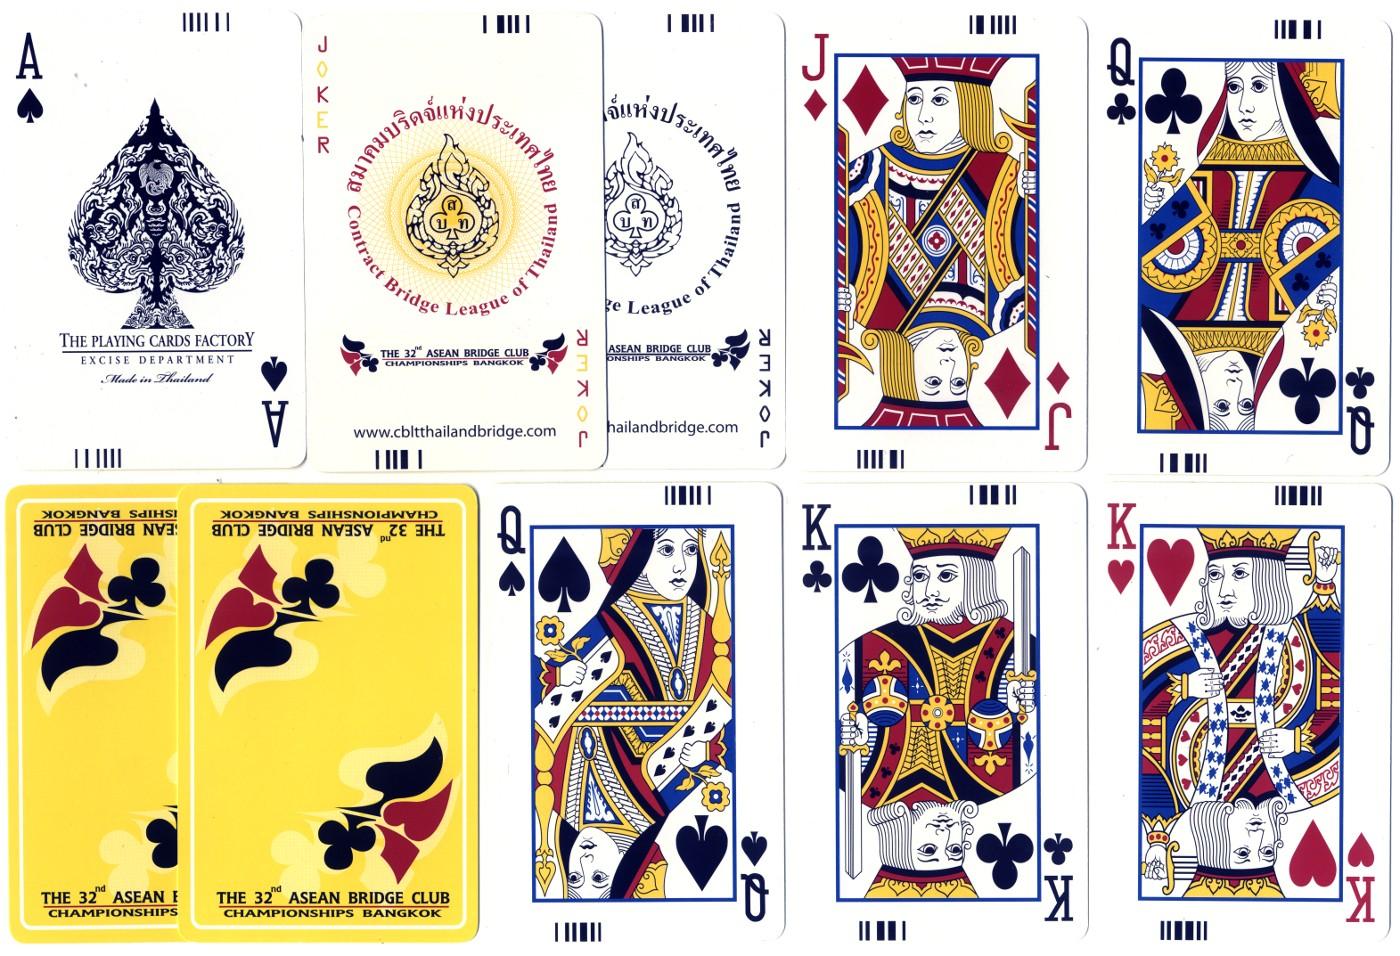 32nd Asean Bridge Club Championships (Bangkok) Playing Cards